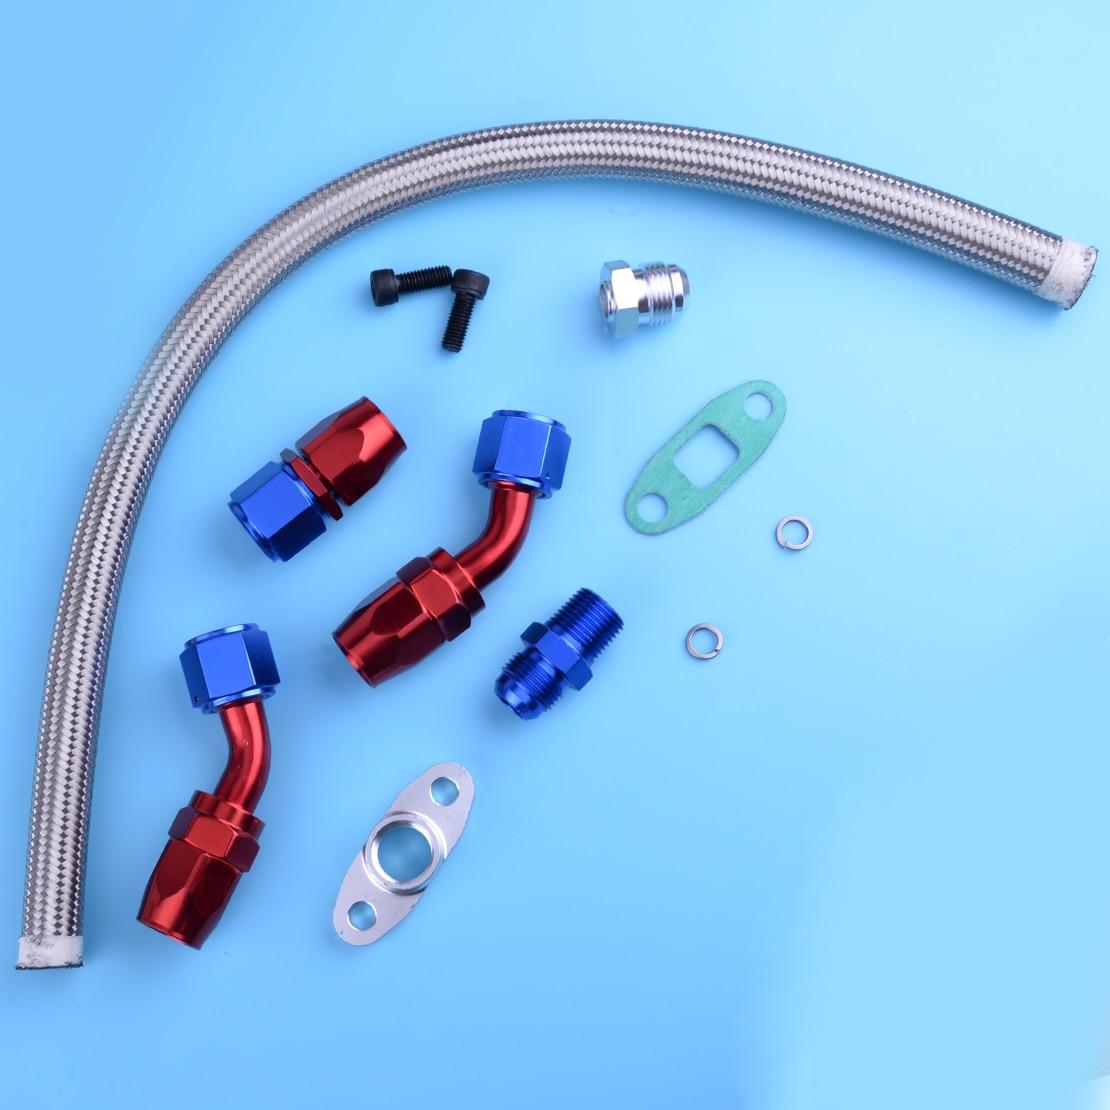 Beler nouveau Kit de ligne de vidange de retour d'huile Durable pour Turbo chargeur pour T3 T4 T70 T66 TO4E